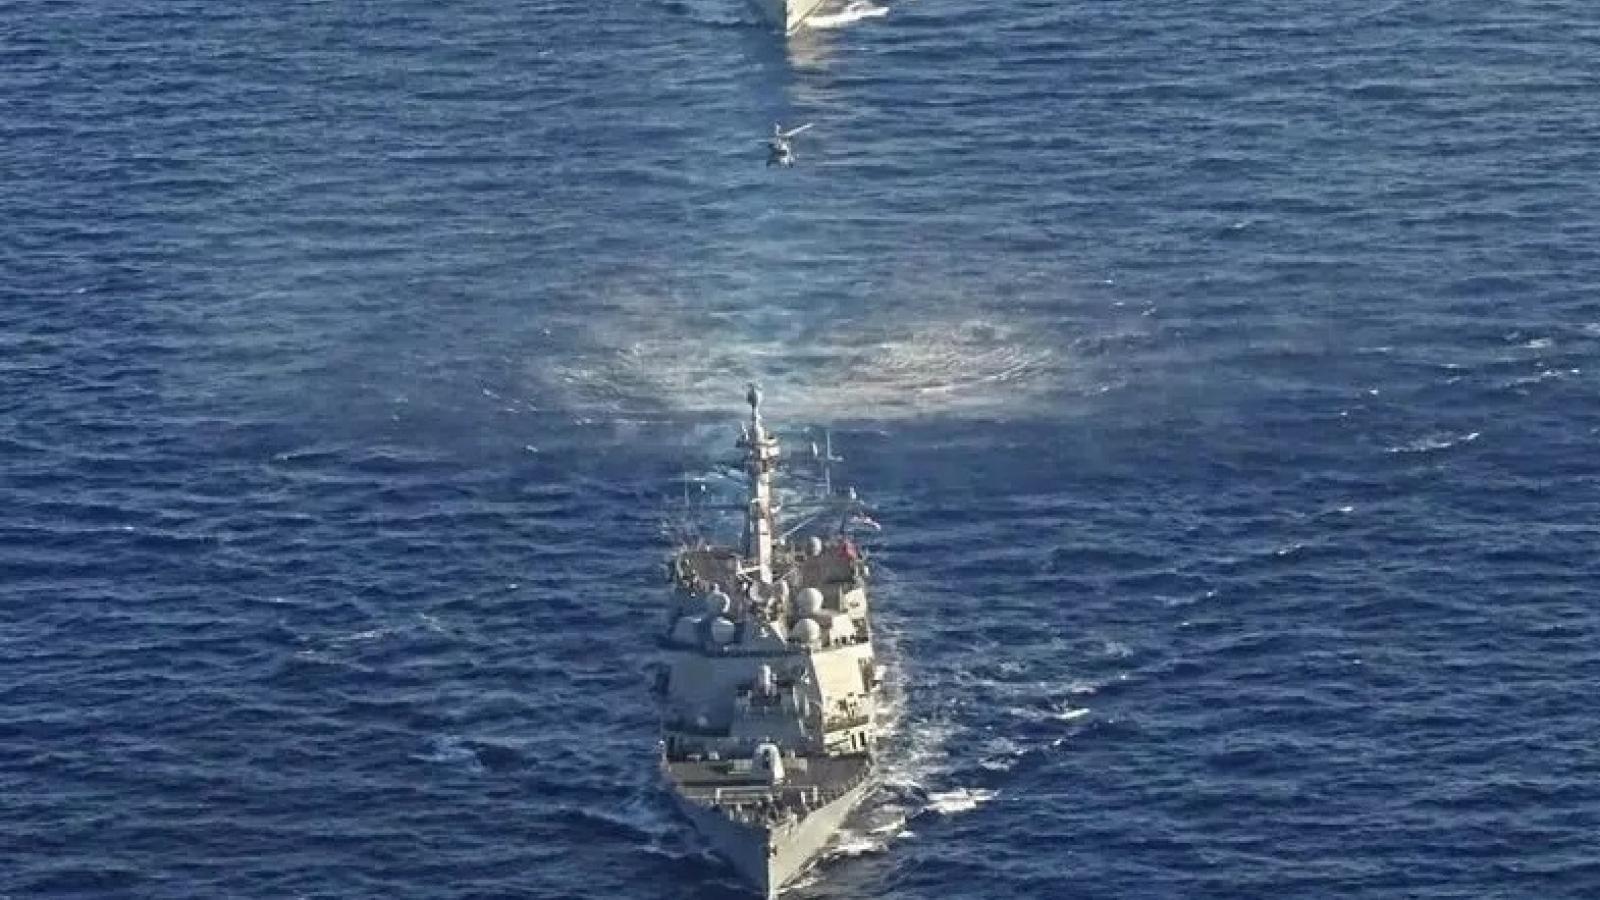 Sẽ không có đàm phán nào tới khiThổ Nhĩ Kỳ rút tàu khỏi thềm lục địa Hy Lạp